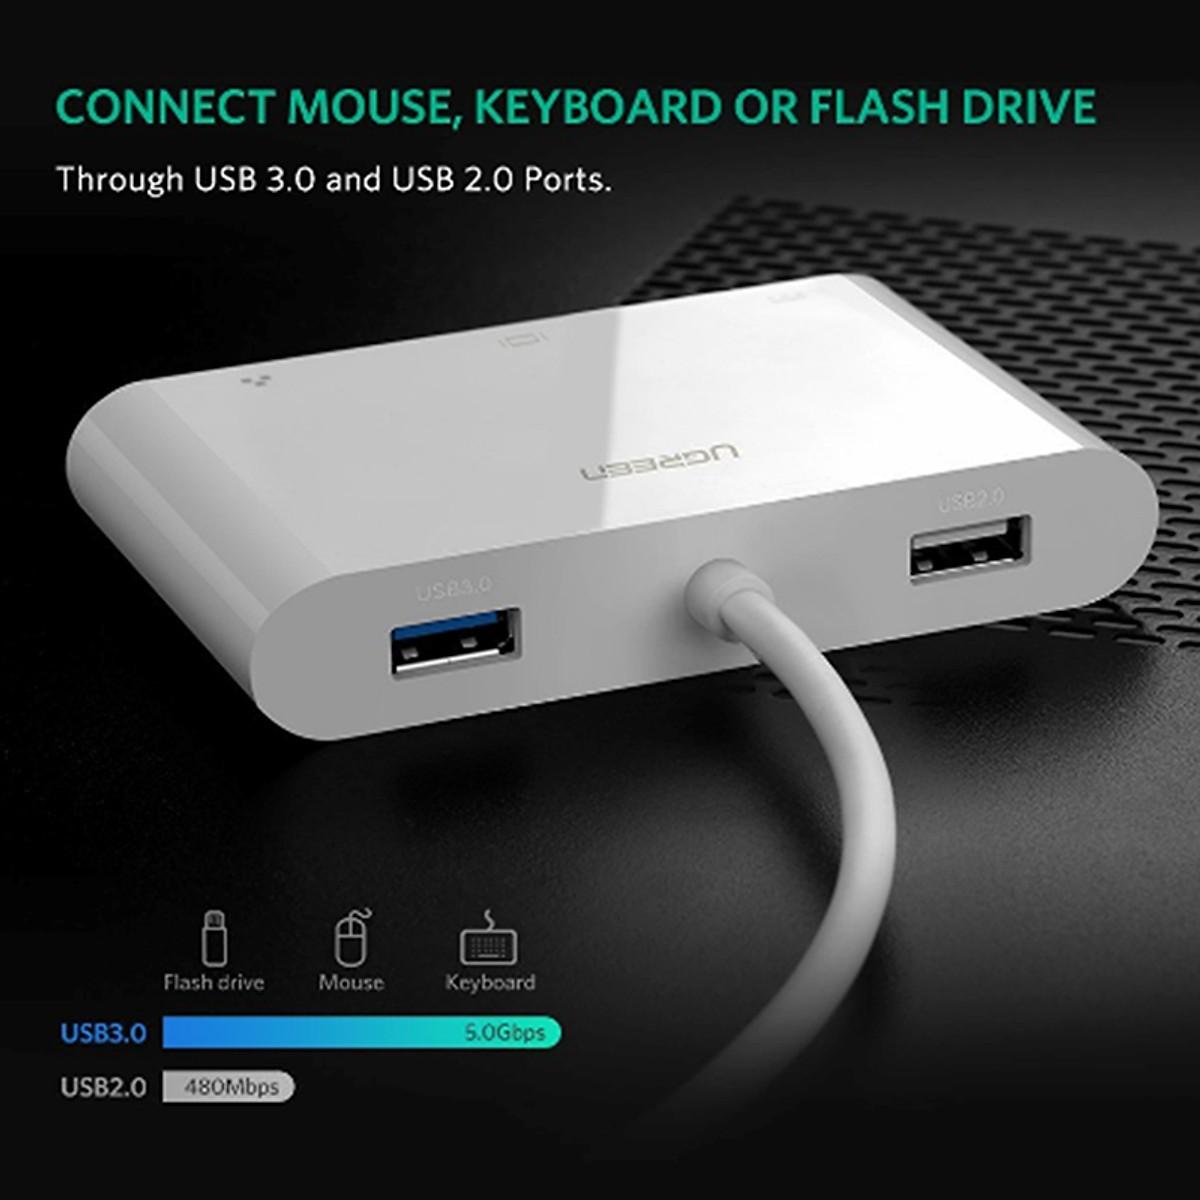 Bộ chuyển đổi đa chức năng USB Tpe C sang VGA + Lan + USB 3.0 + USB 2.0 UGreen 030439 - Hàng Chính Hãng